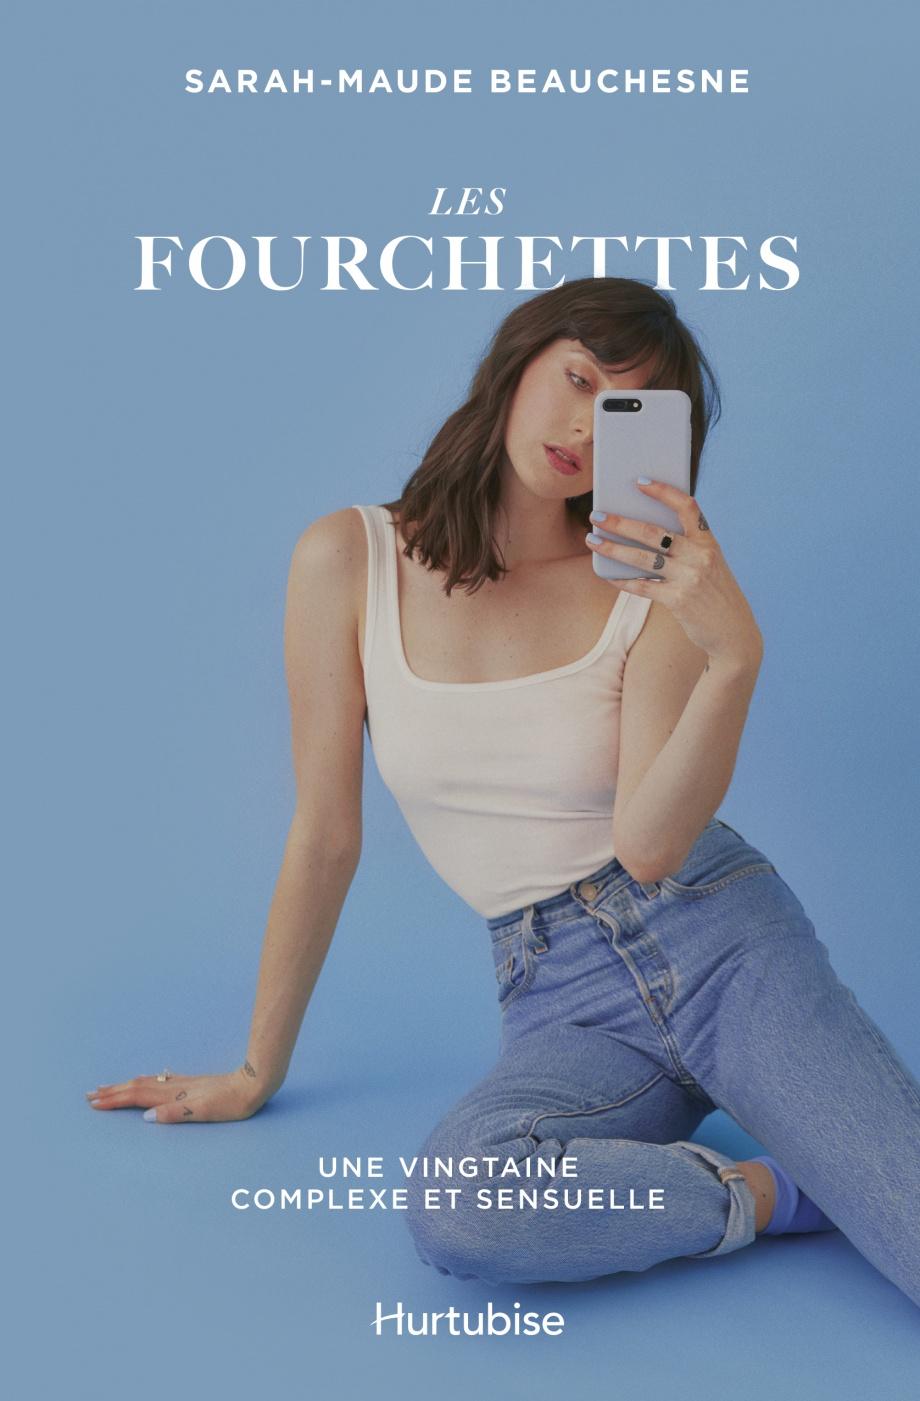 Les fourchettes de Sarah-Maude Beauchesne